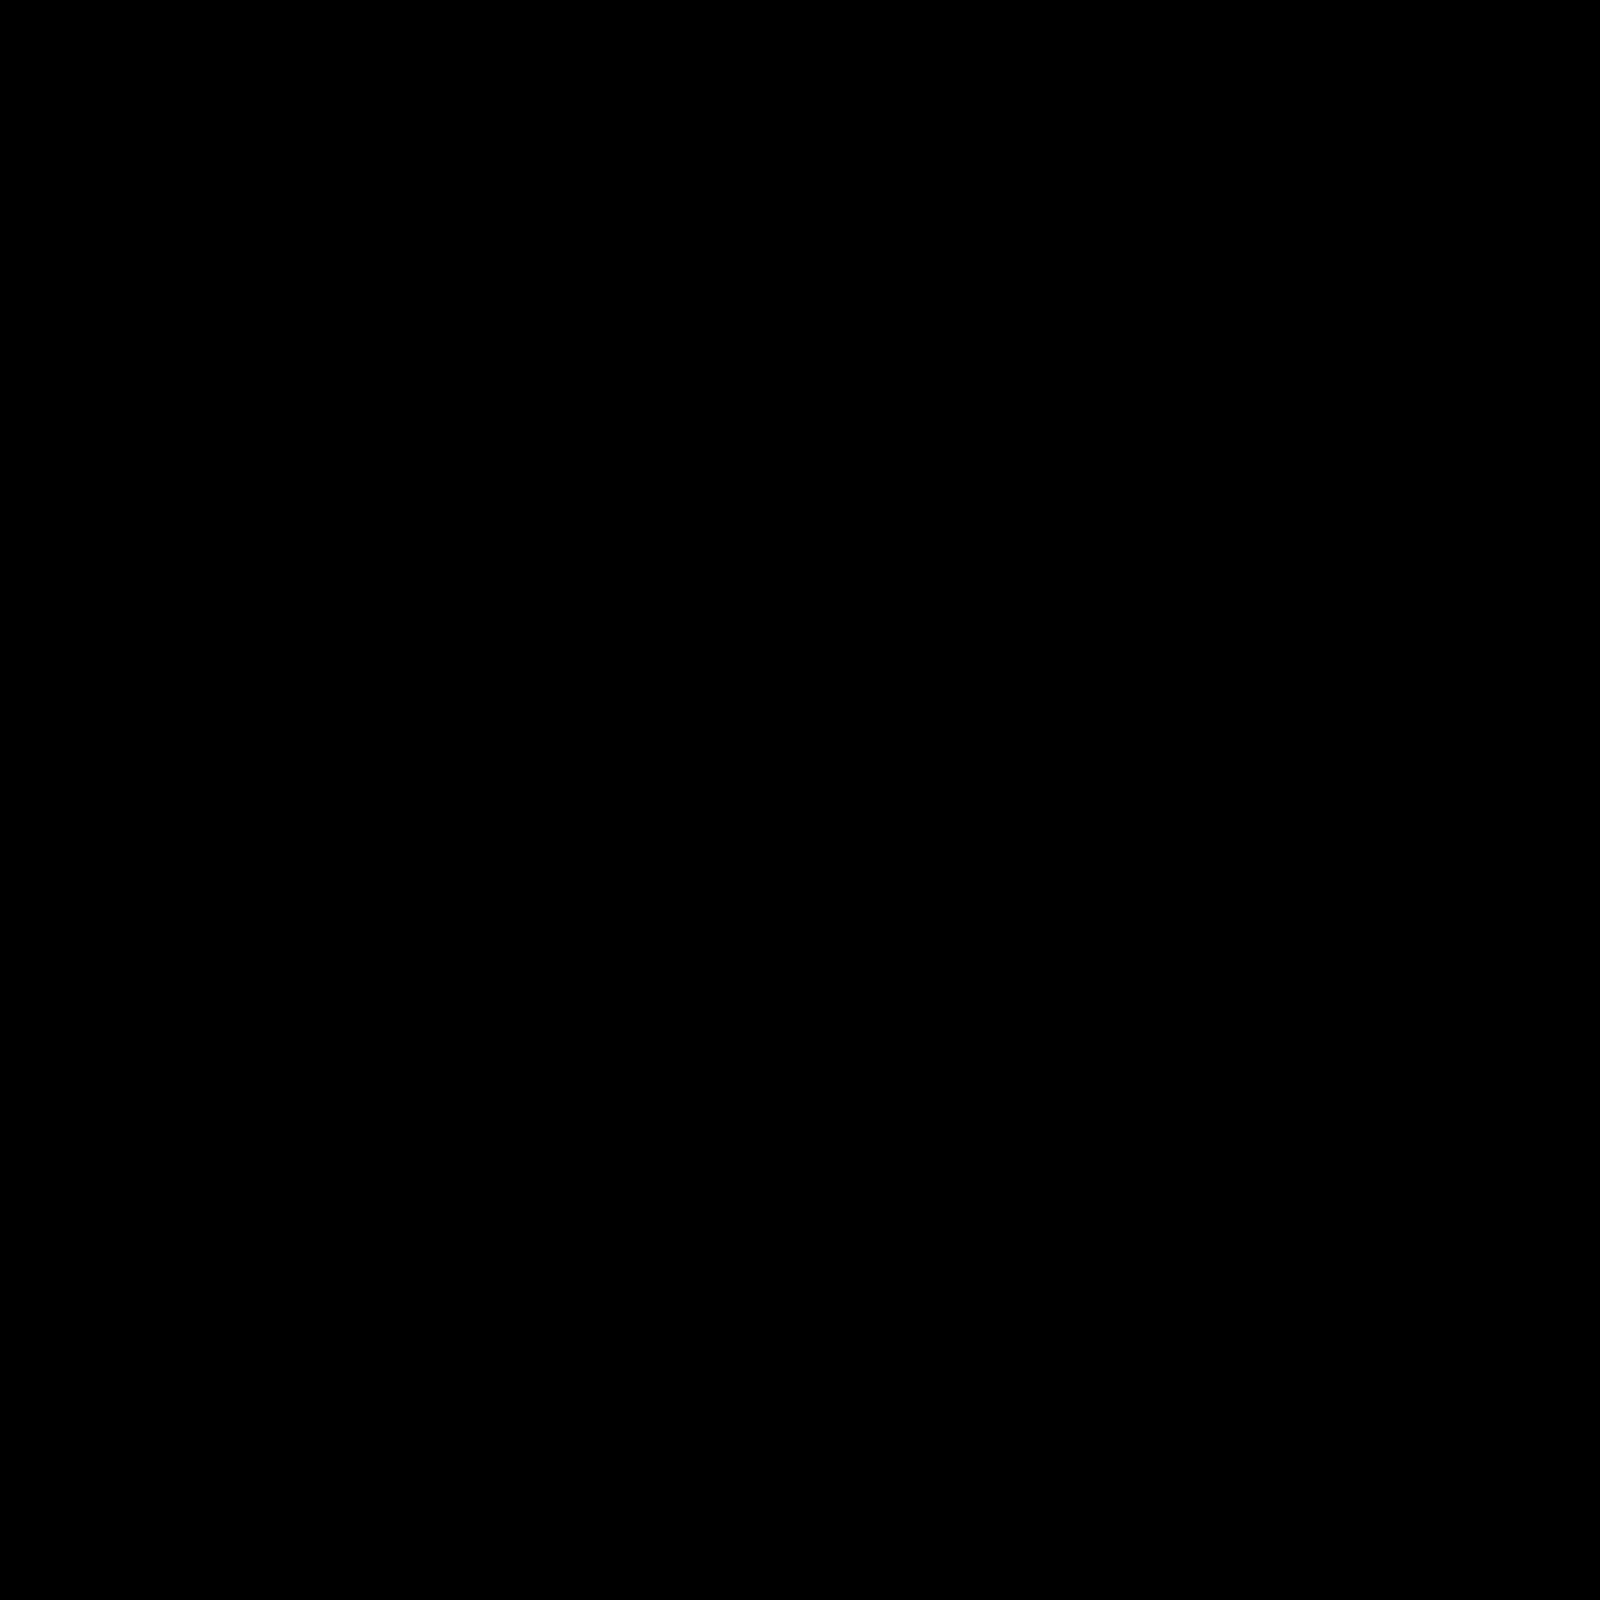 继电器家庭自动化 icon